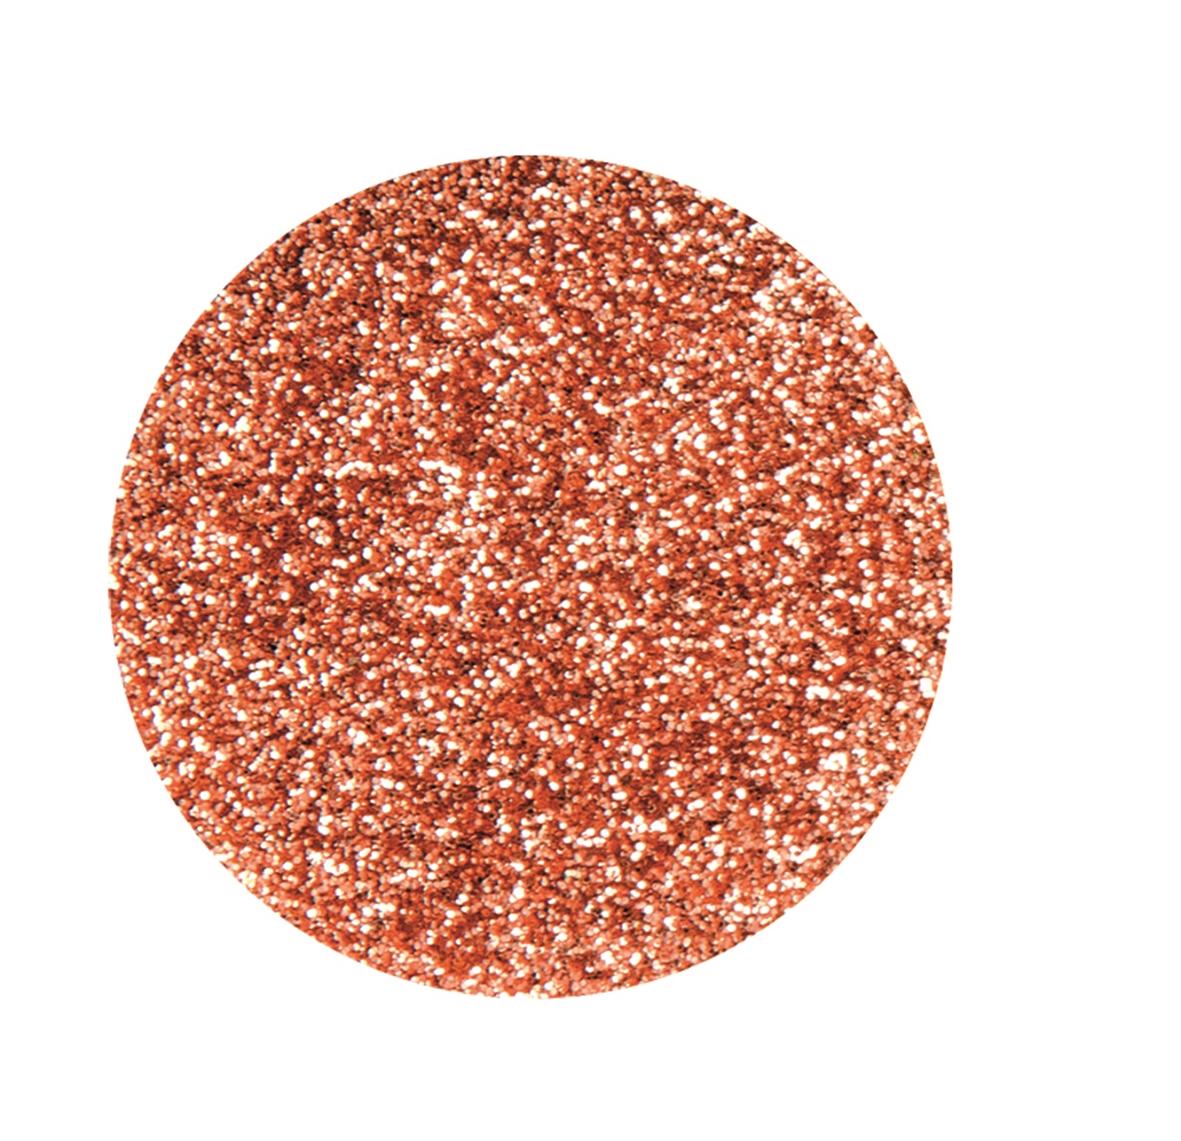 Boîte de 10 g de paillettes ultrafines - Coloris cuivre